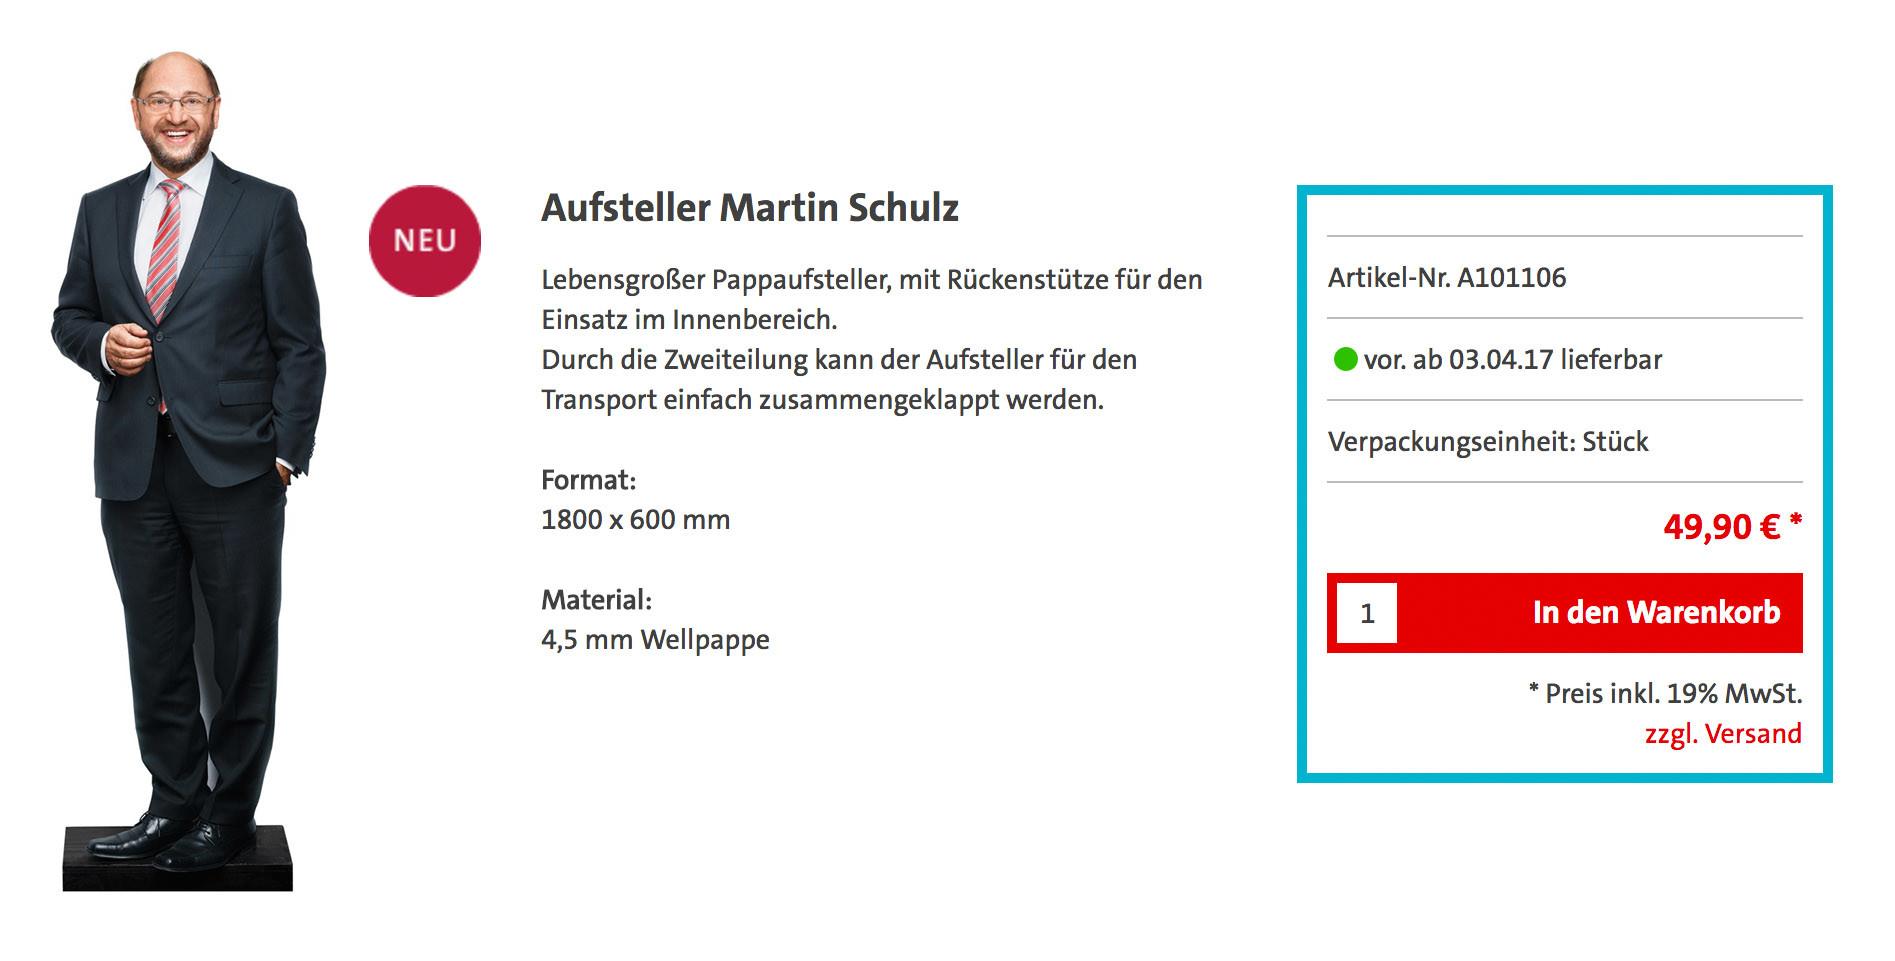 Personenkult auch ohne Sozialismus: Die SPD setzt auf den Papp-Martin